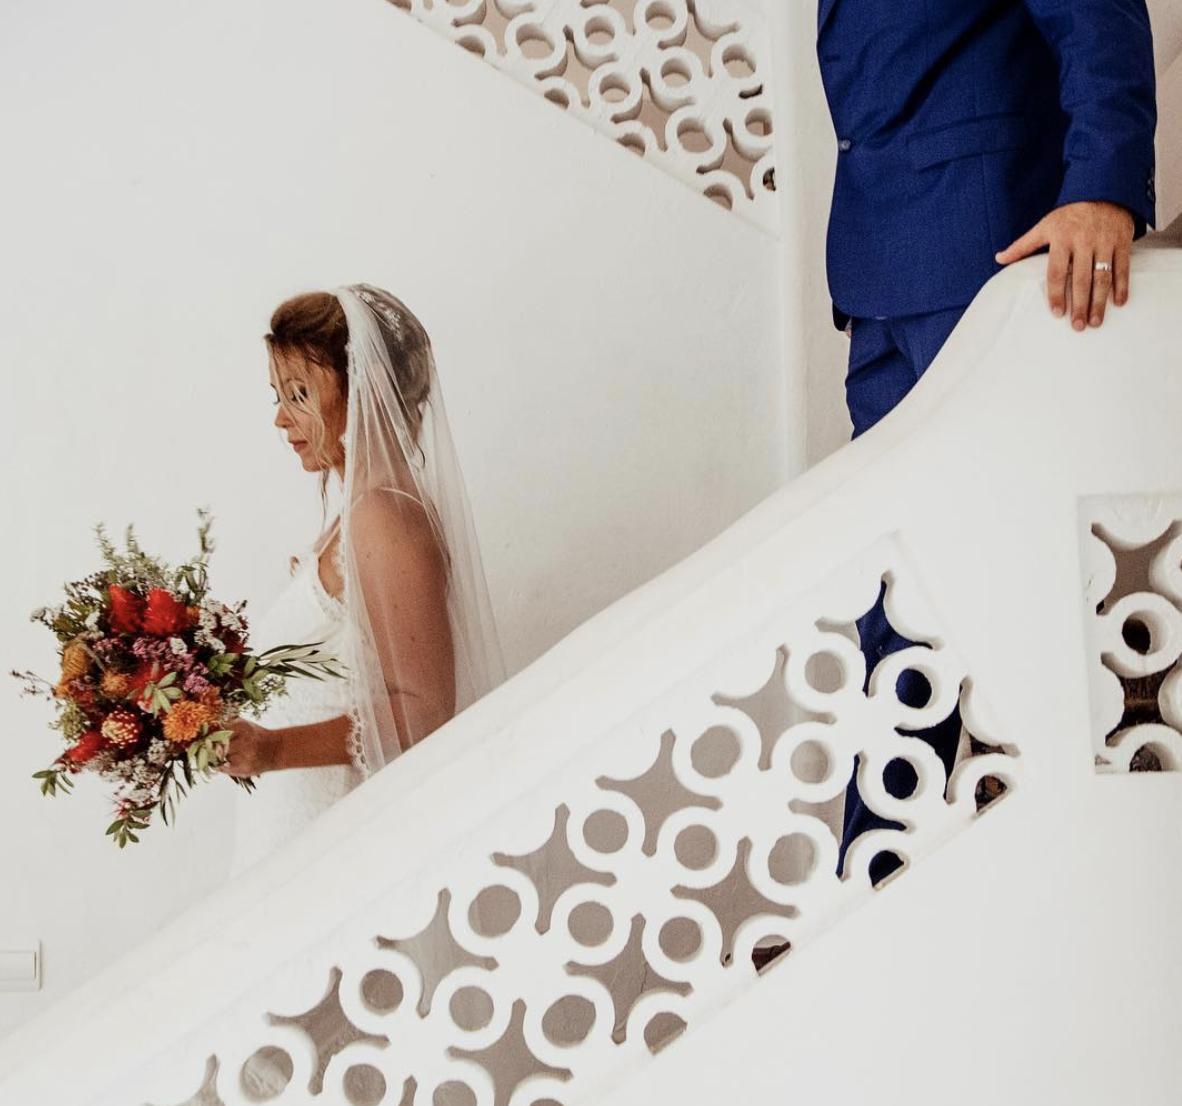 Bride & Bouquet Shot